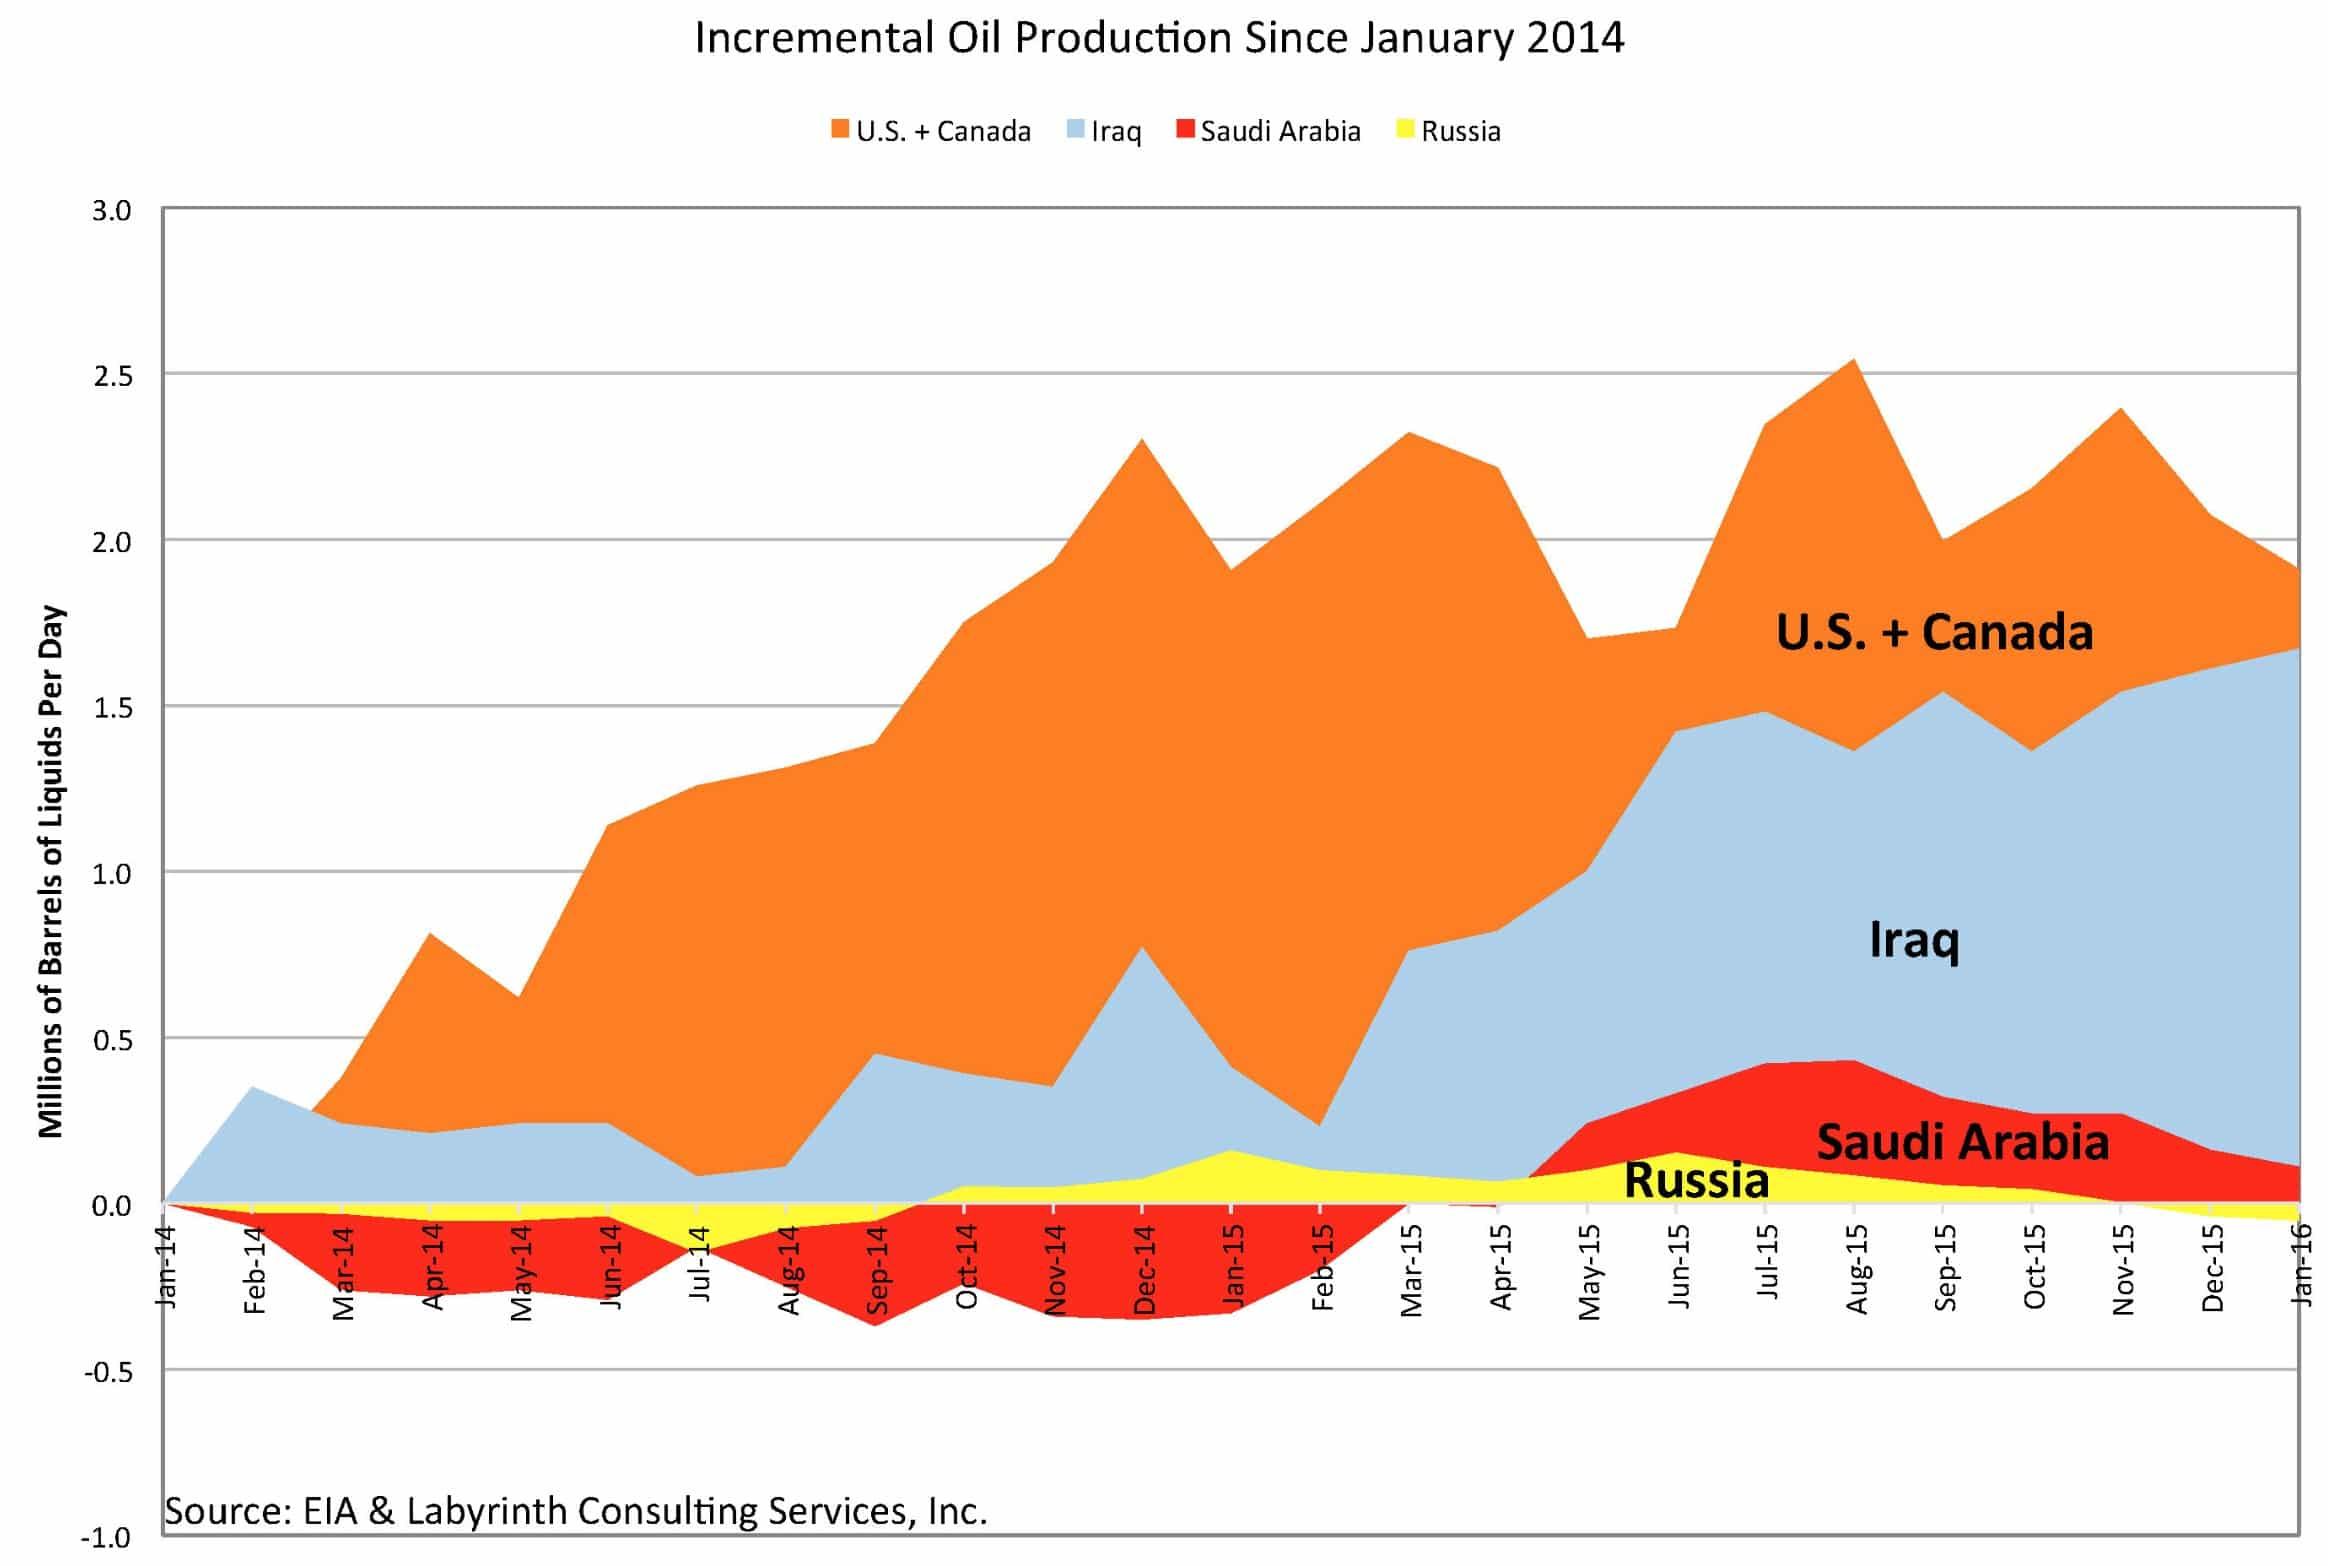 Produccion de petroleo adicional desde enero 2014 a enero 2016